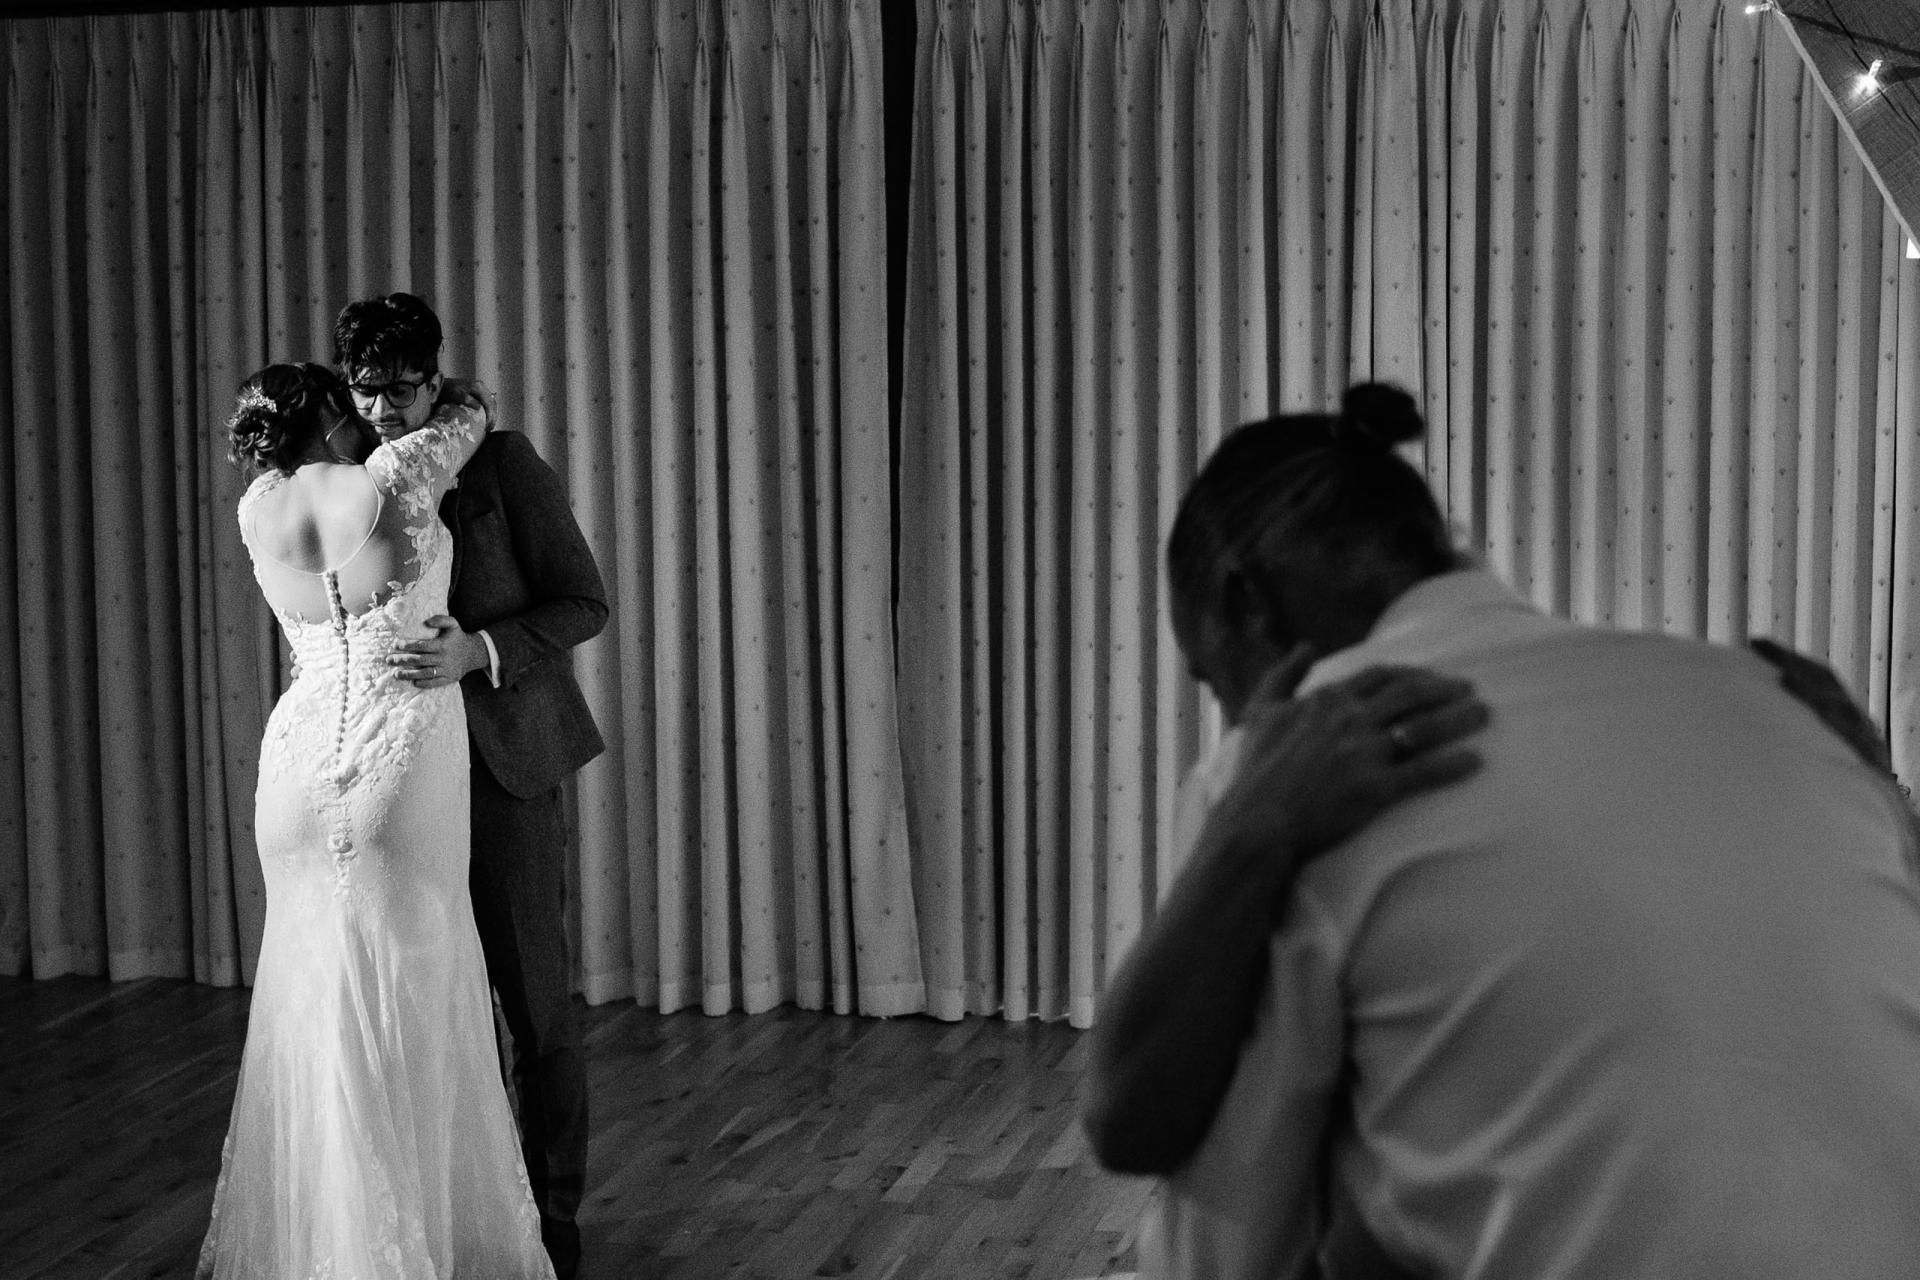 Imagen del lugar de la boda de Bassmead Manor Barn Country | las parejas toman la pista de baile socialmente distanciada